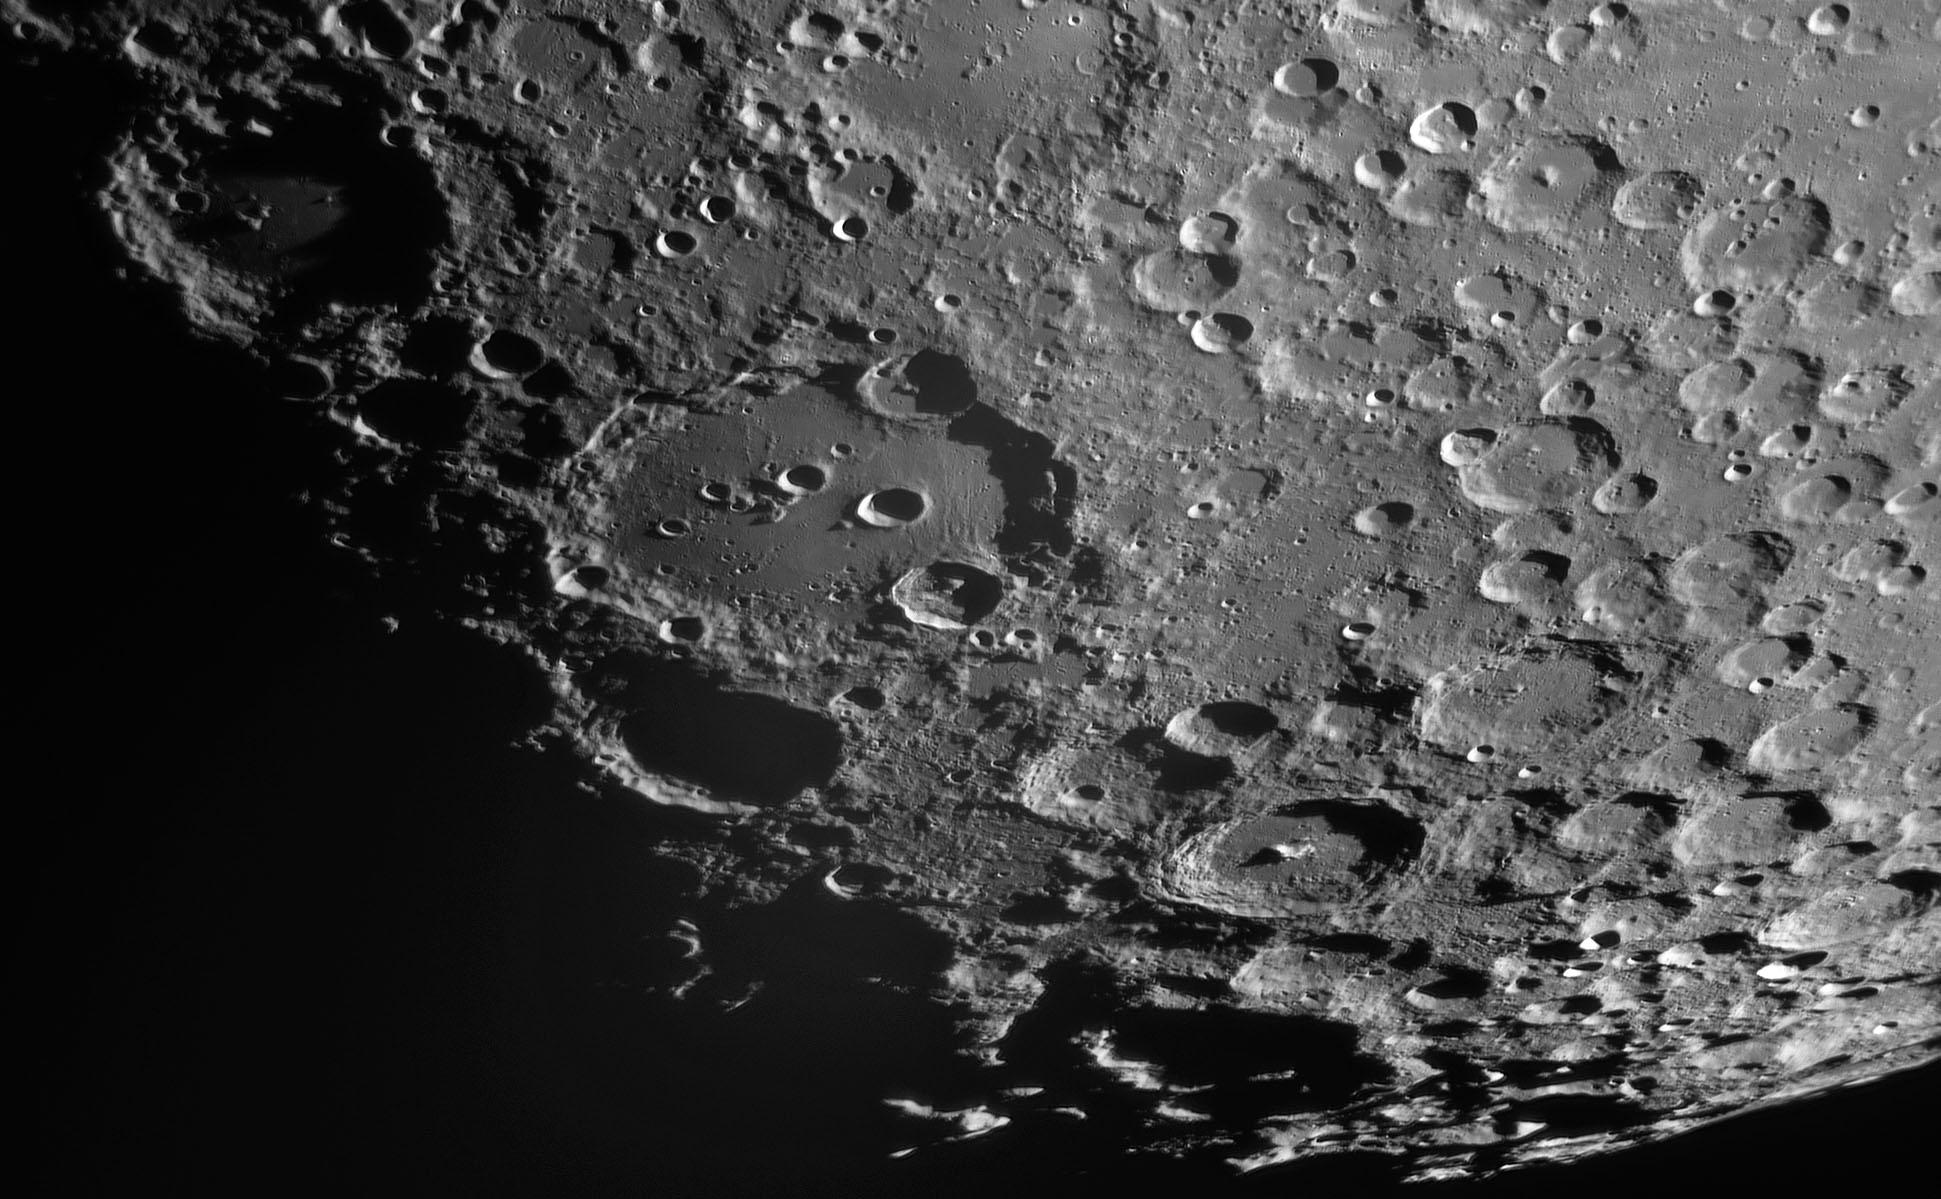 2019 05 14 Clavius .jpg